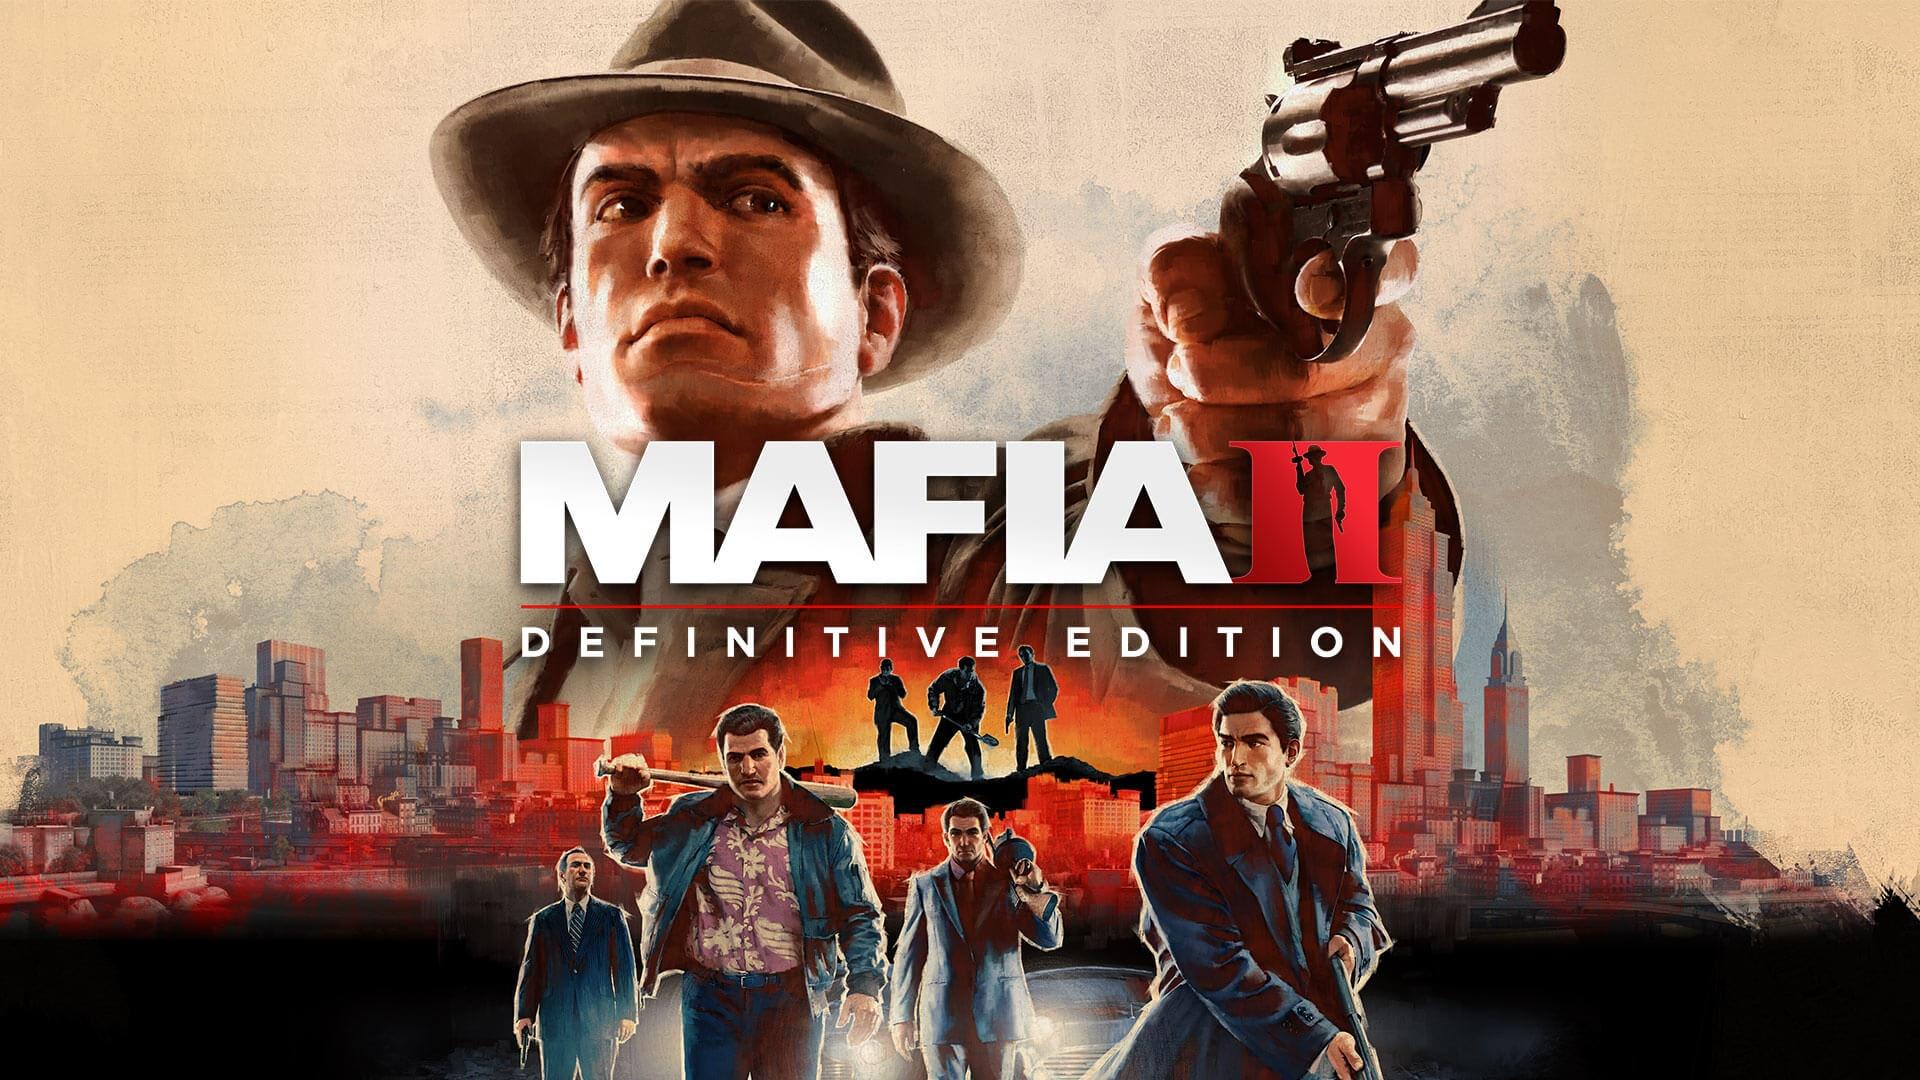 Пользователи не очень довольны Mafia II: Definitive Edition